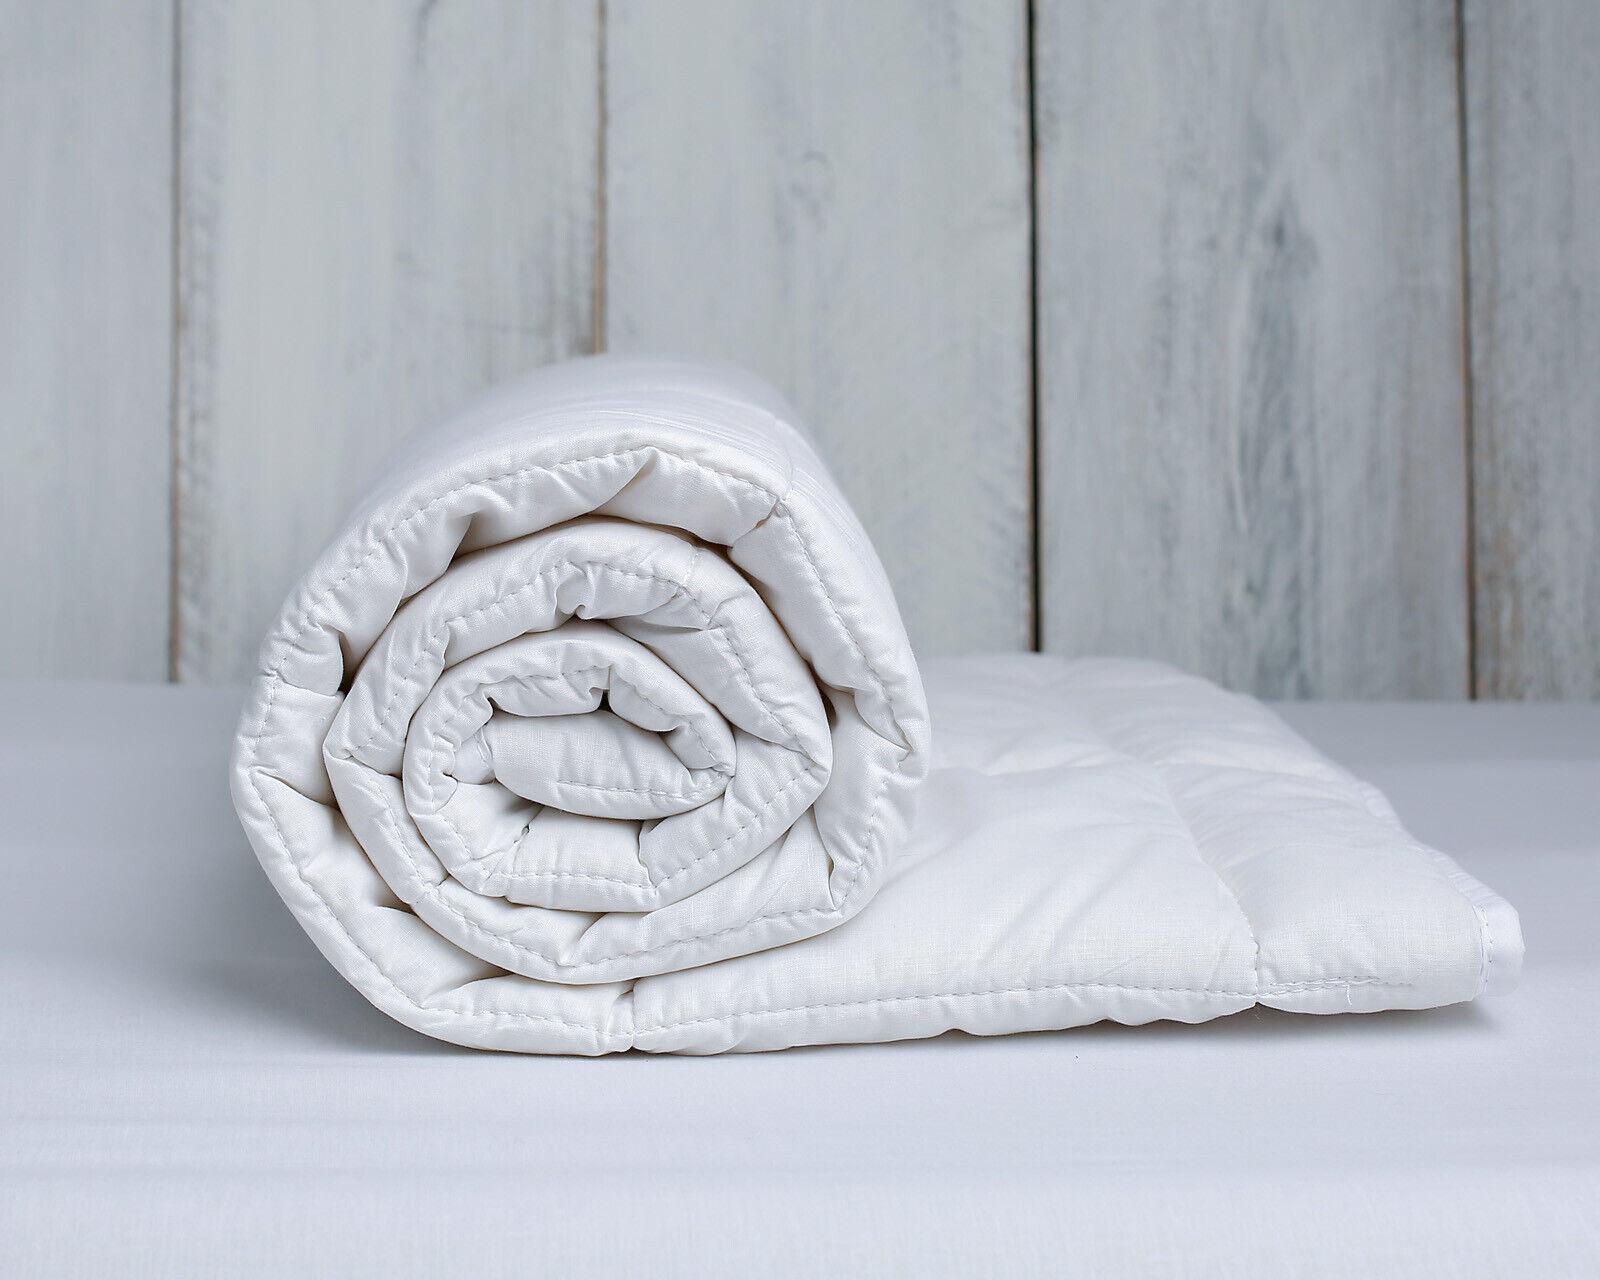 King Größe Merino Wool Duvet Quilt 225 cm x 200 cm medium weight